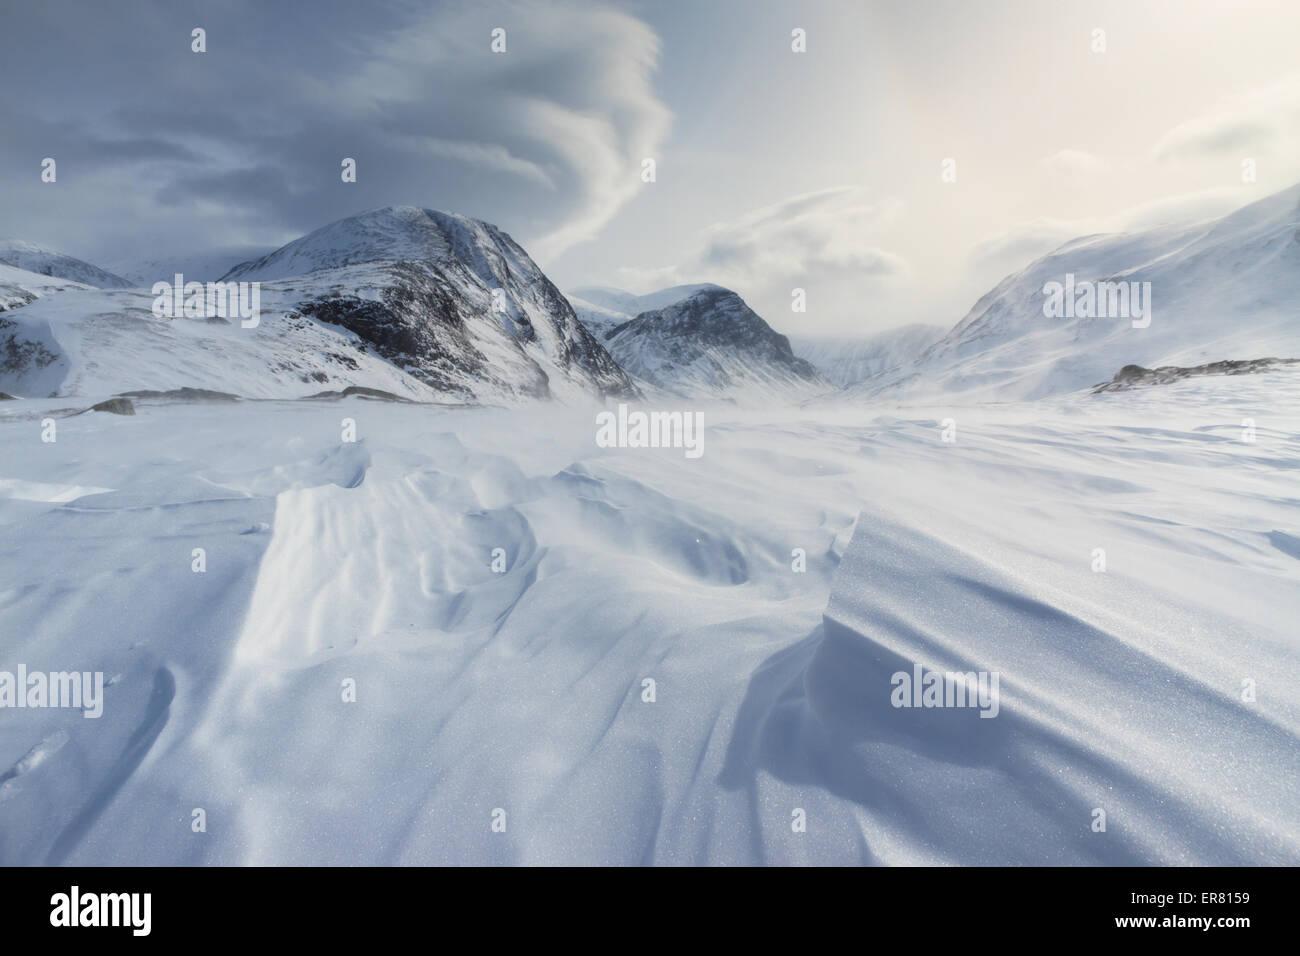 Winde über den Schnee in arktischen Schweden. Stockbild